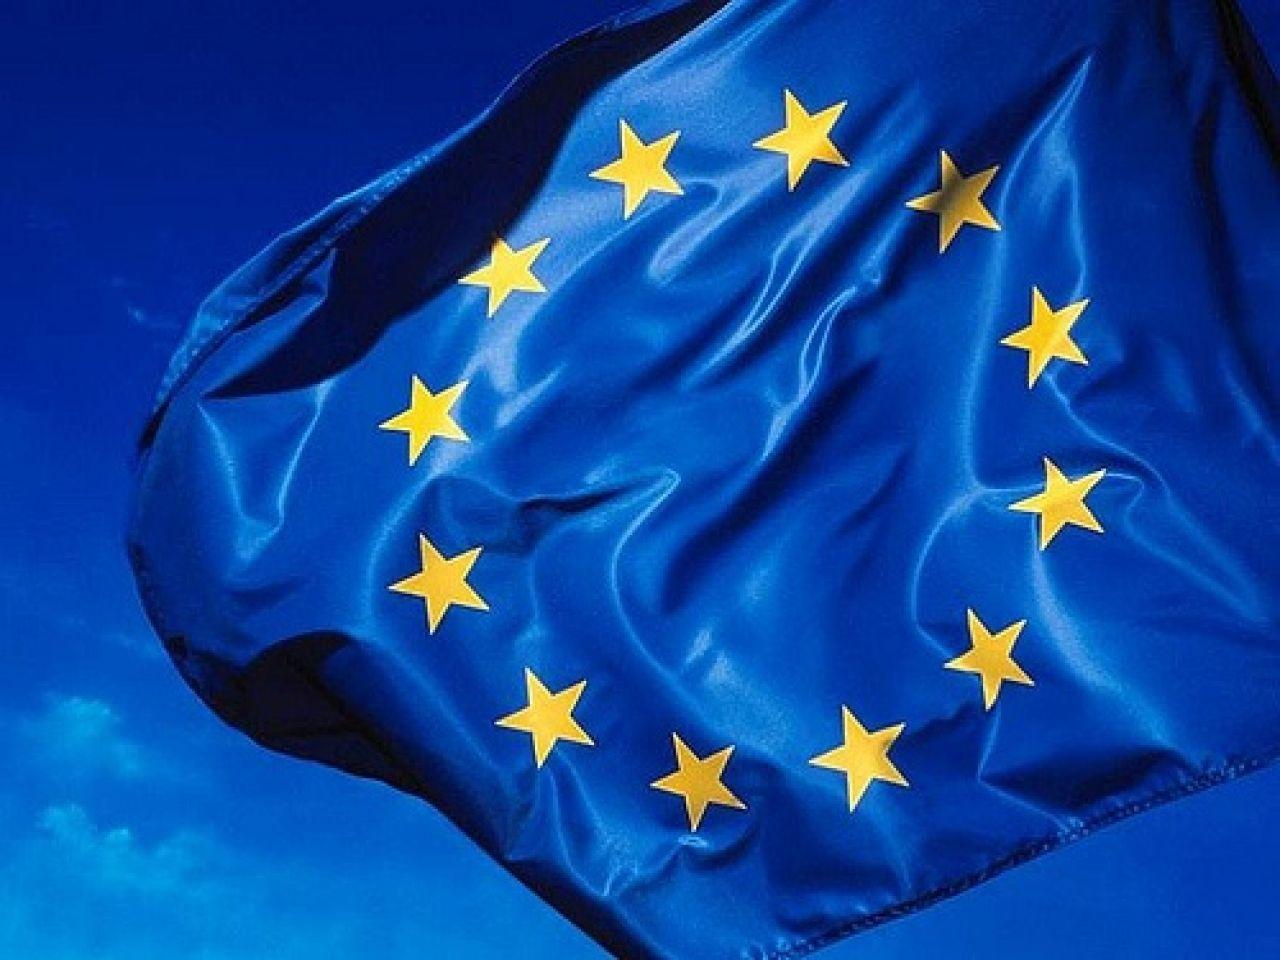 """欧盟gdp总量_欧盟27国国内生产总值或将下跌7.4%!欧盟经济面临""""历史性衰退"""""""